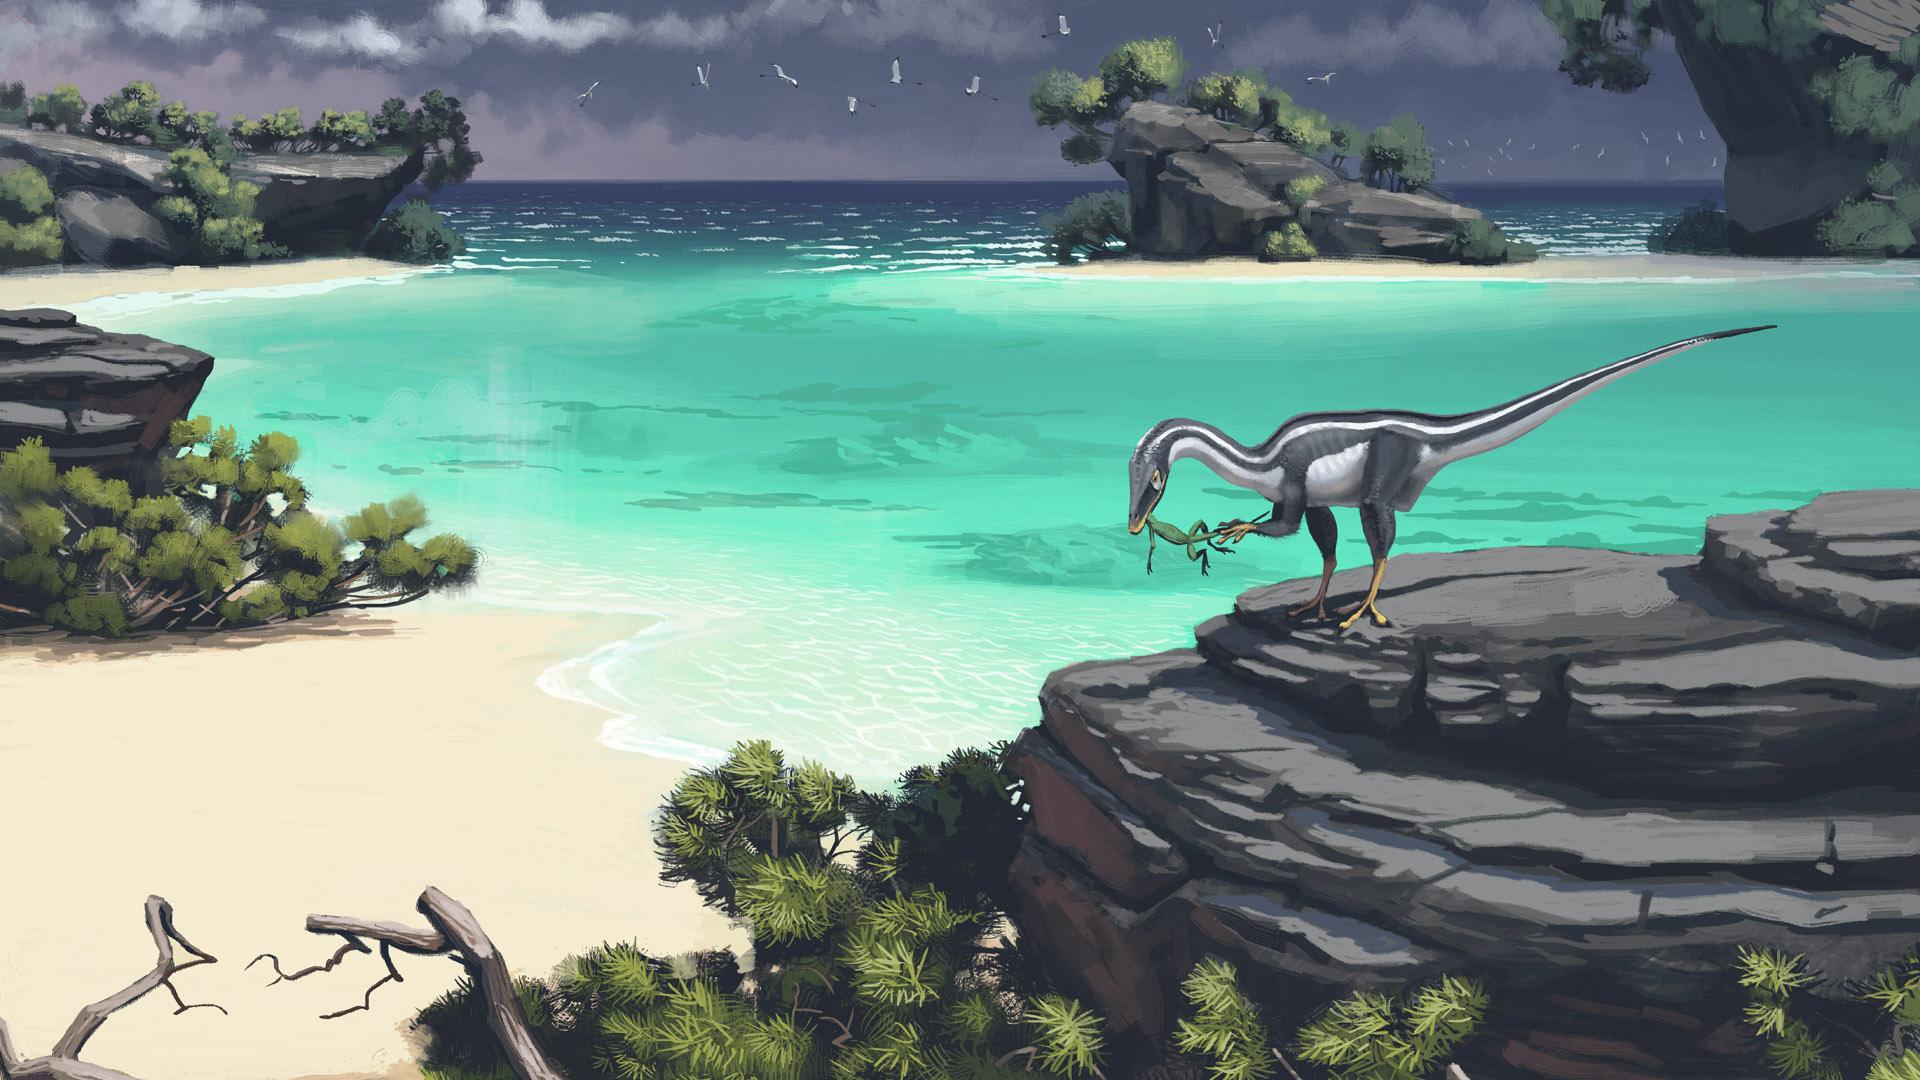 compsognathus_simon_st_lenhag.jpg